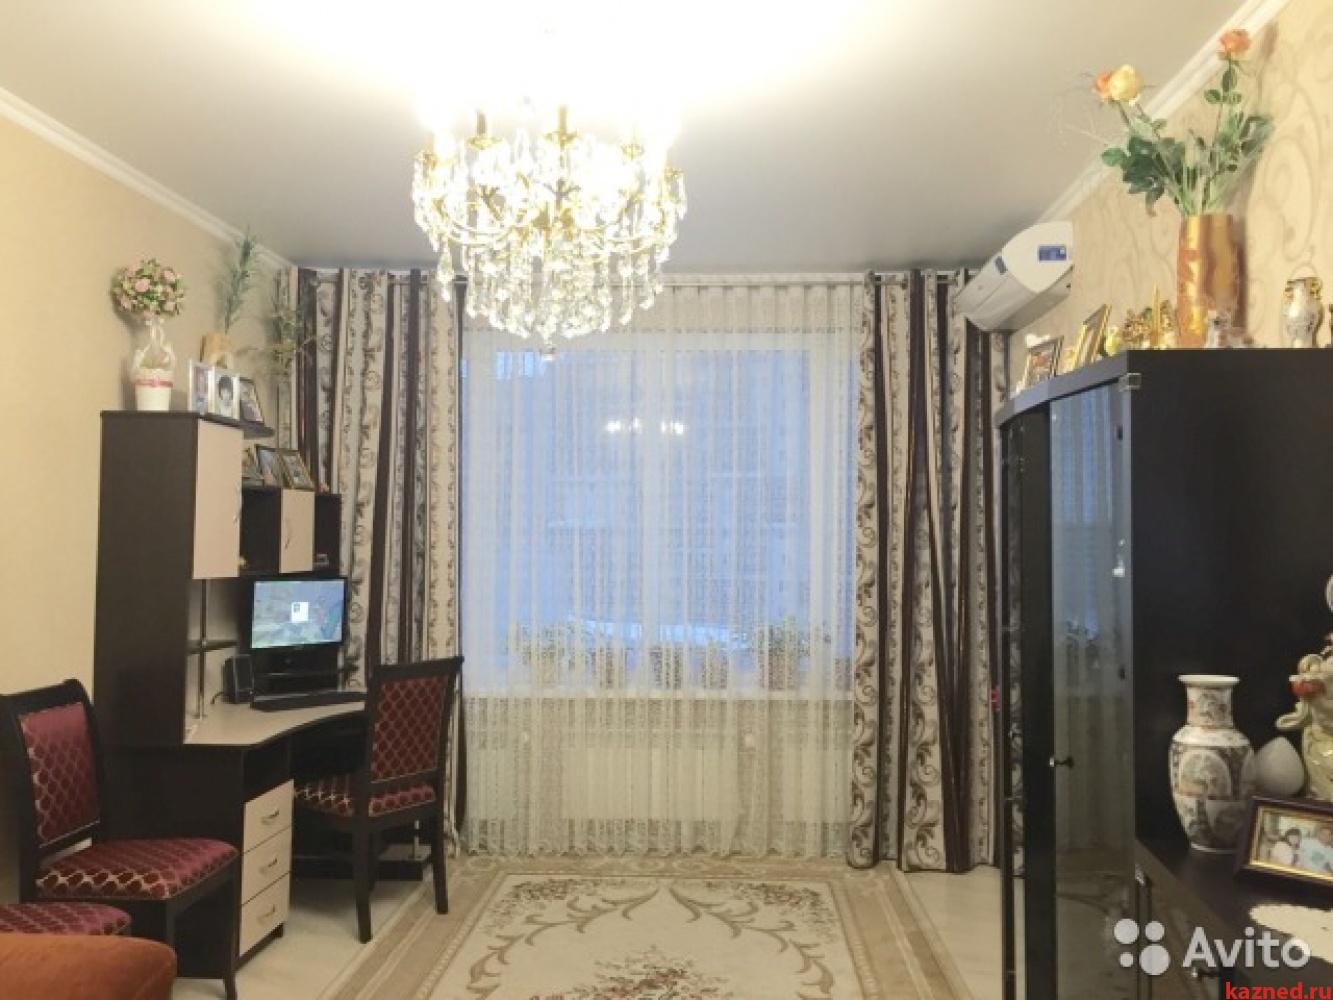 Продажа 1-к квартиры проспект победы 46, 49 м2  (миниатюра №5)